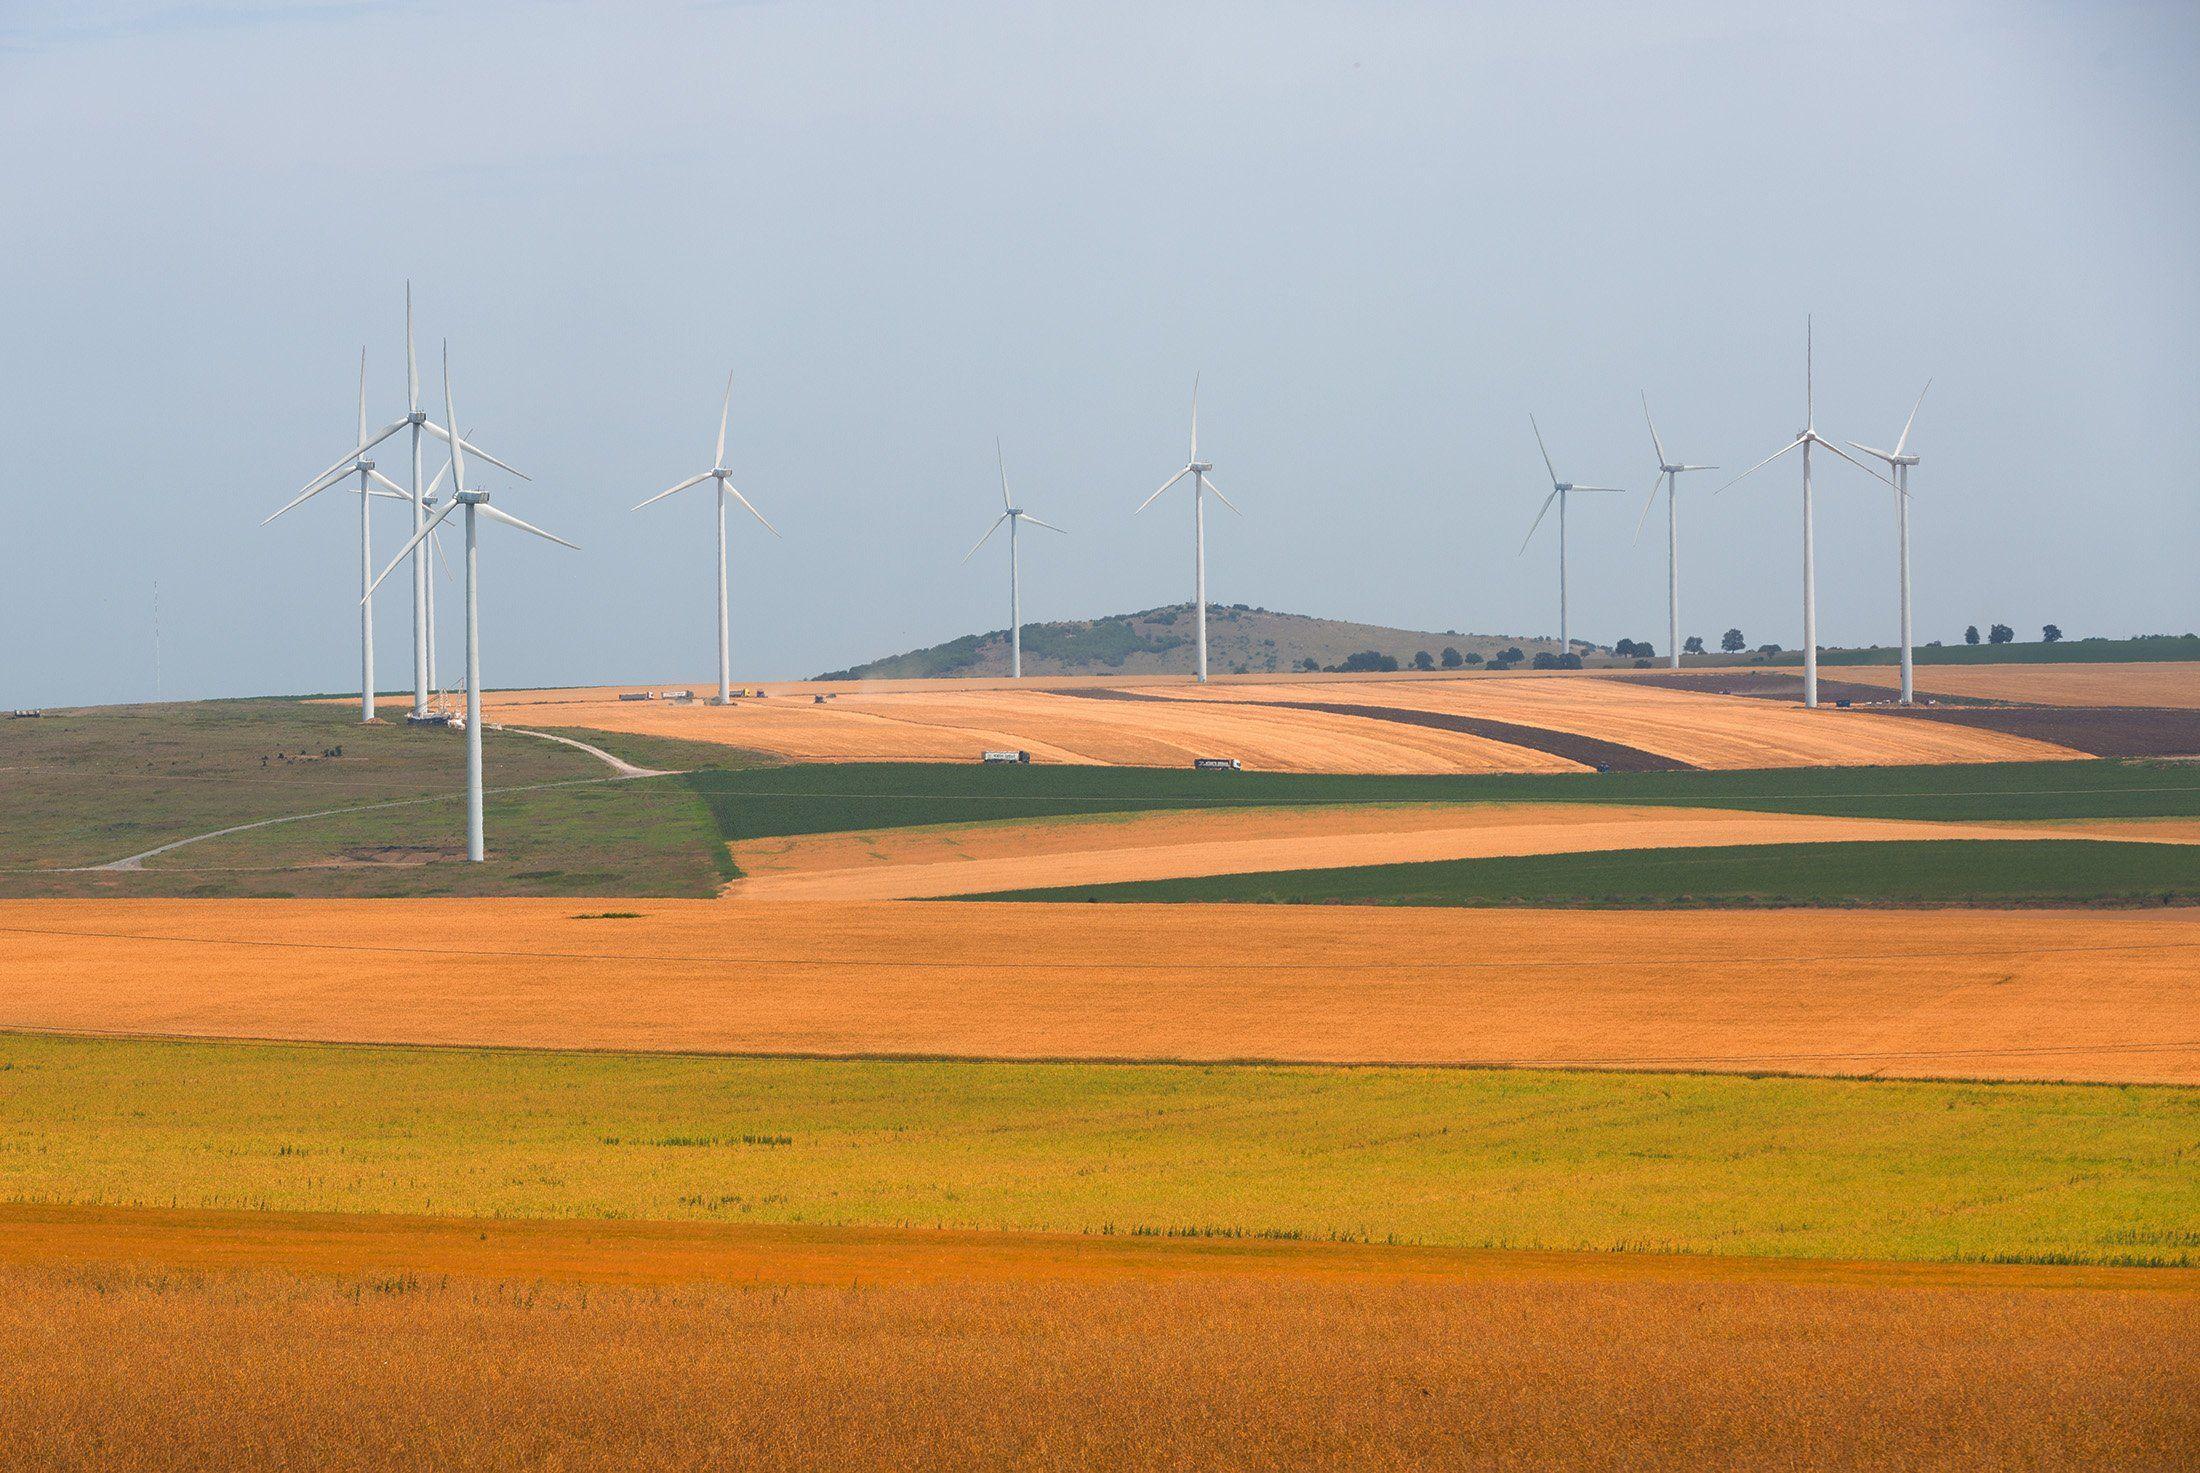 ветряки, ветрогенераторы, поле, пейзаж, Палагичев Алексей